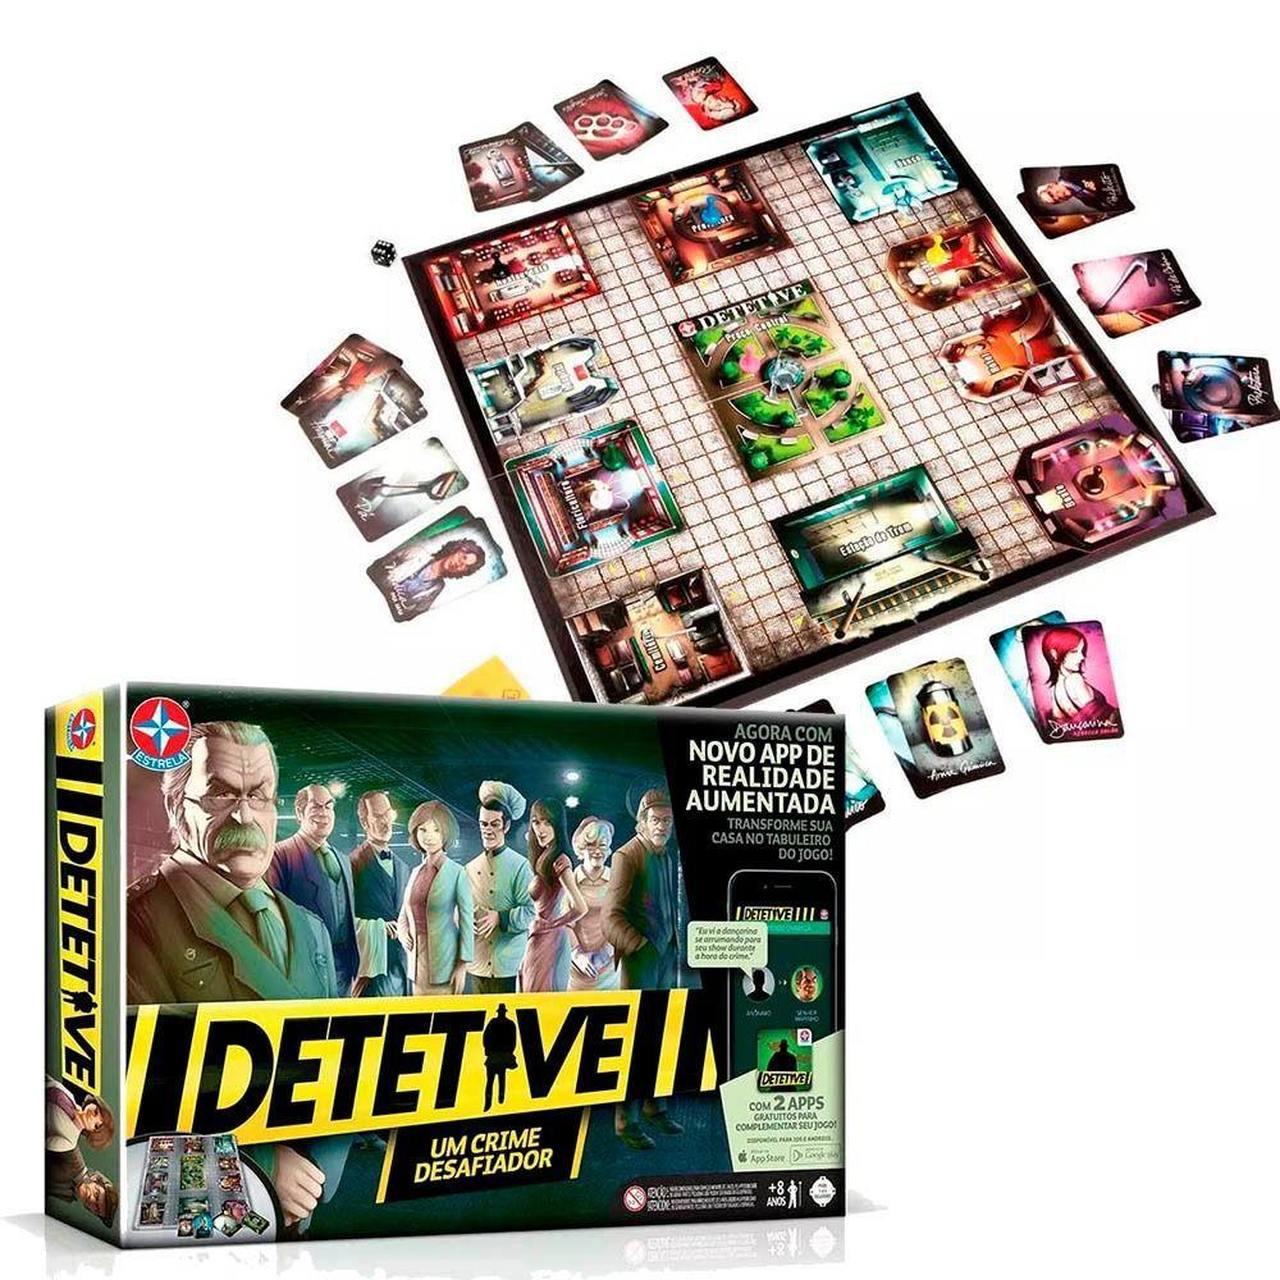 Jogo Detetive  - Um Crime Desafiador com 2 Apps - Estrela